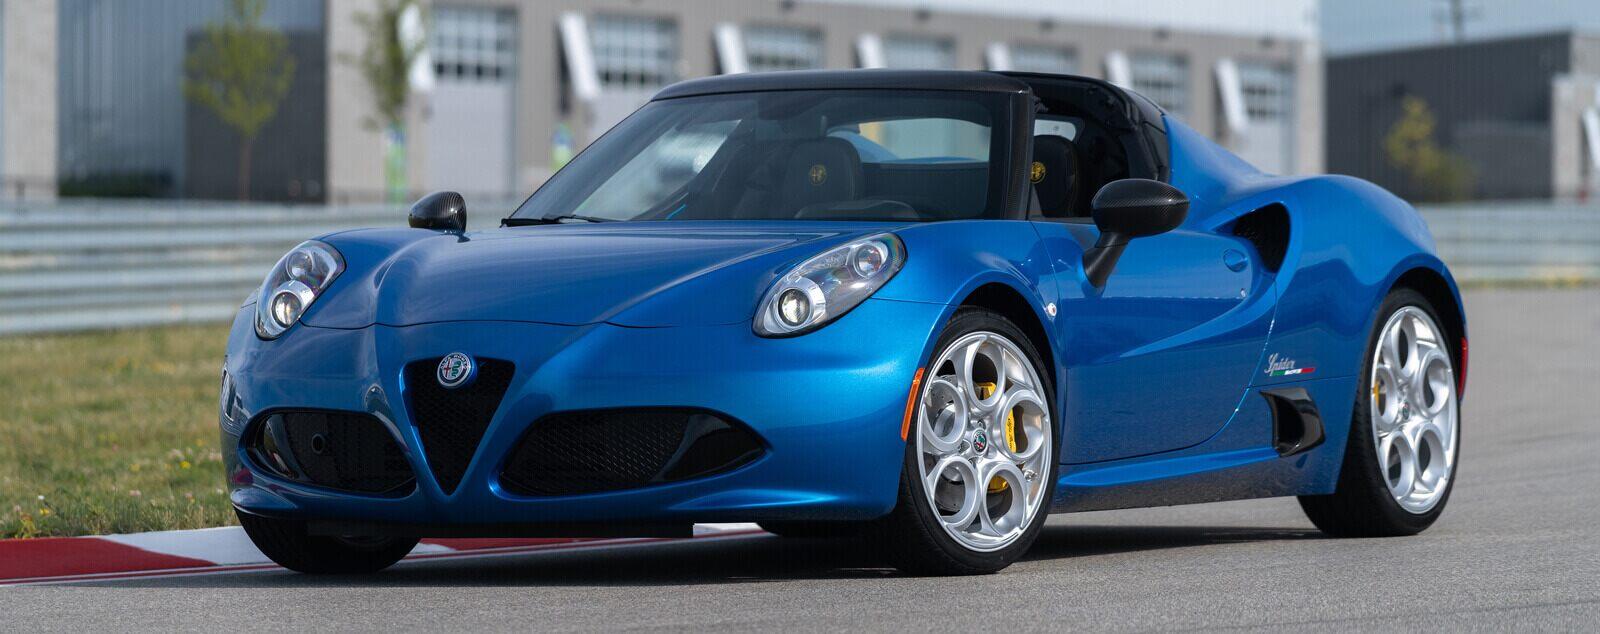 2020 Alfa Romeo 4C Spider Italia Blue Exterior Front